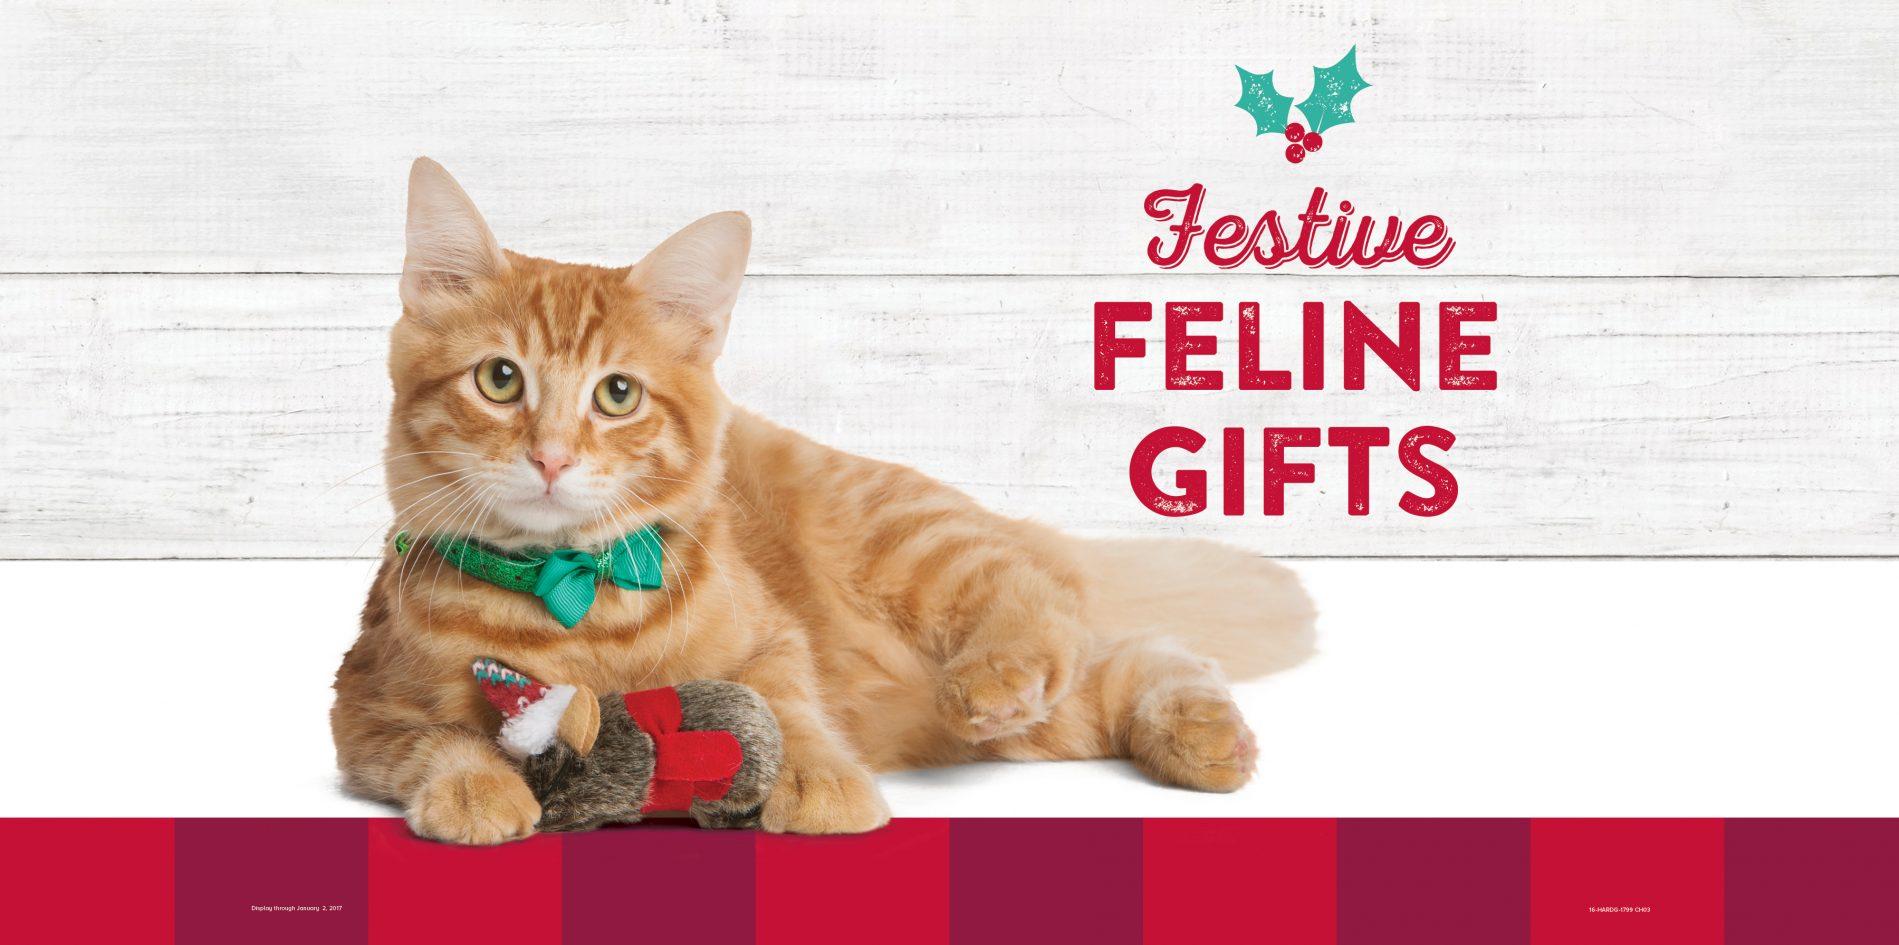 PetSmart Holiday Endcap Signage